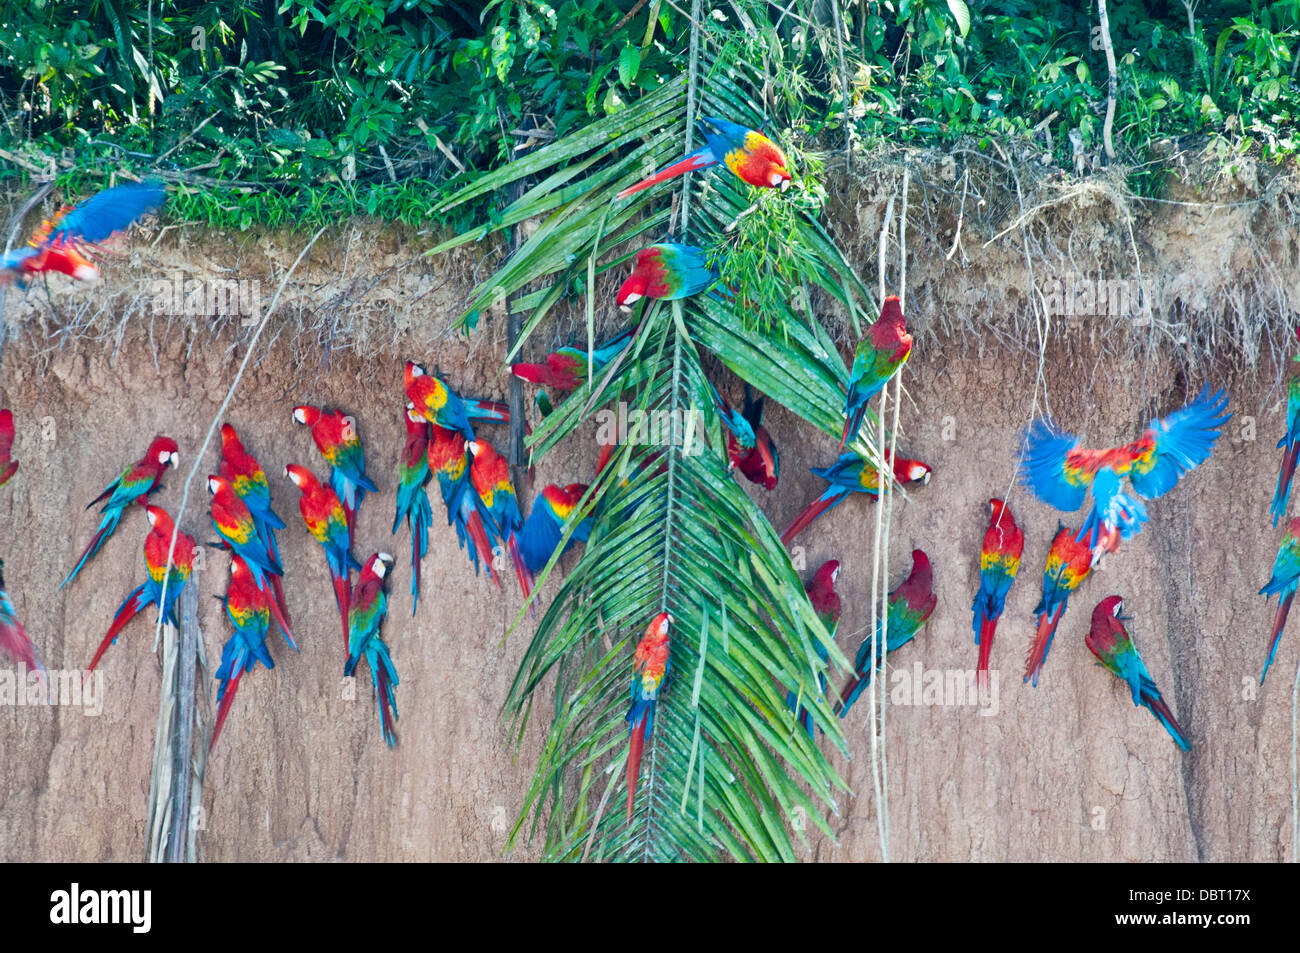 Red-and-green macaws at Chuncho culpa (clay lick) in Tambopata National Reserve, Peru - Stock Image